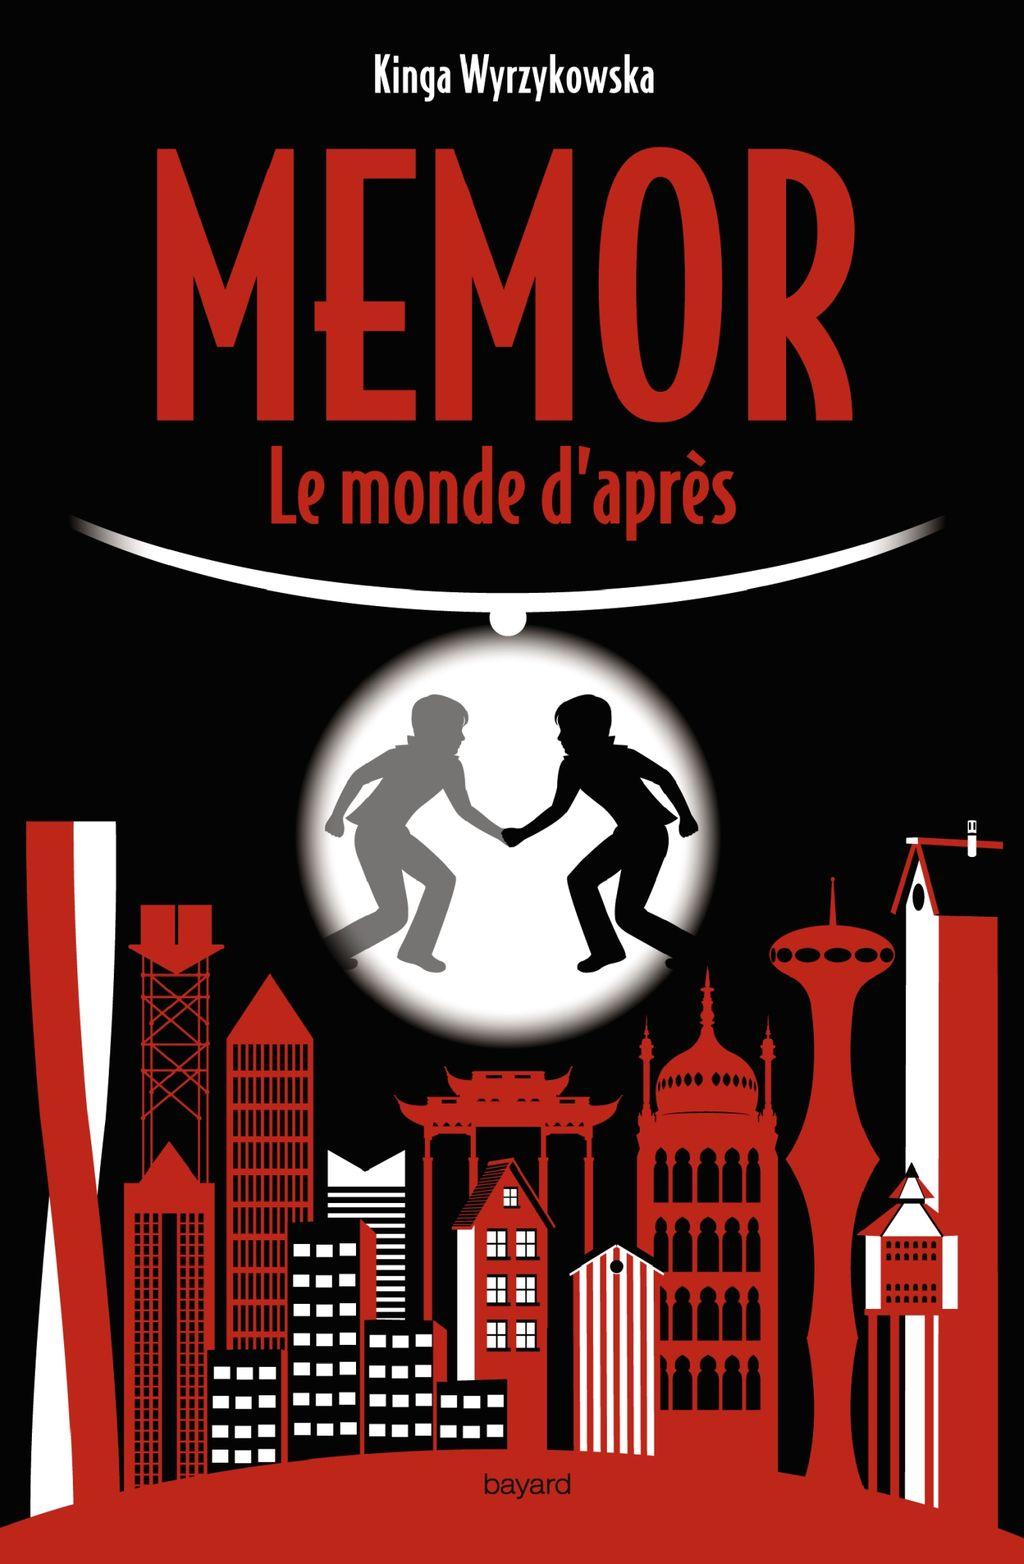 «Memor, le monde d'après» cover